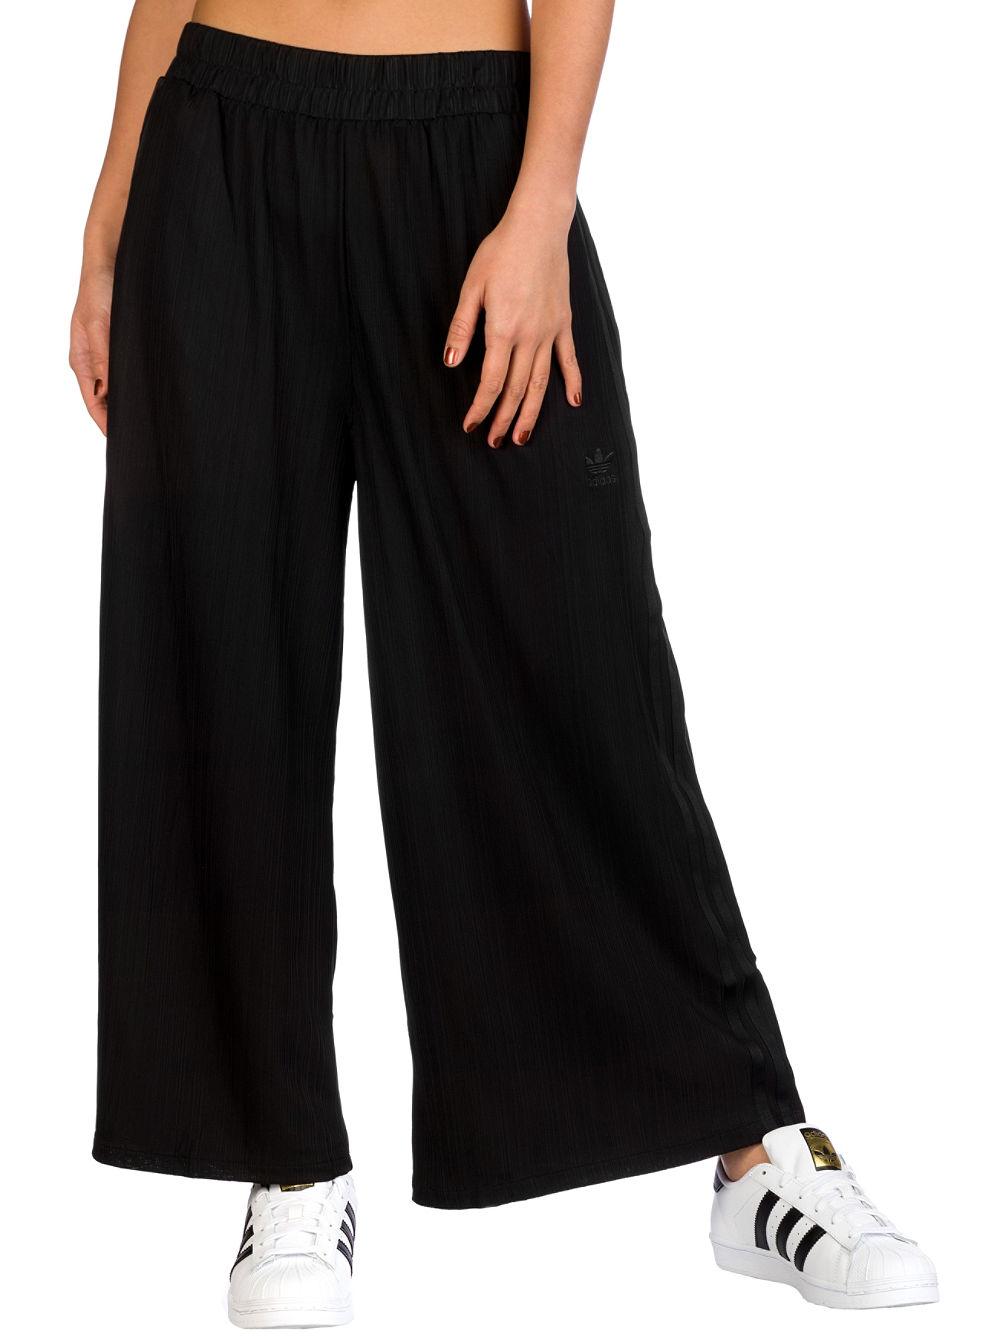 Compra adidas Originals Styling Compliments Rib Pantalones en línea ... 0da13d0d5a0